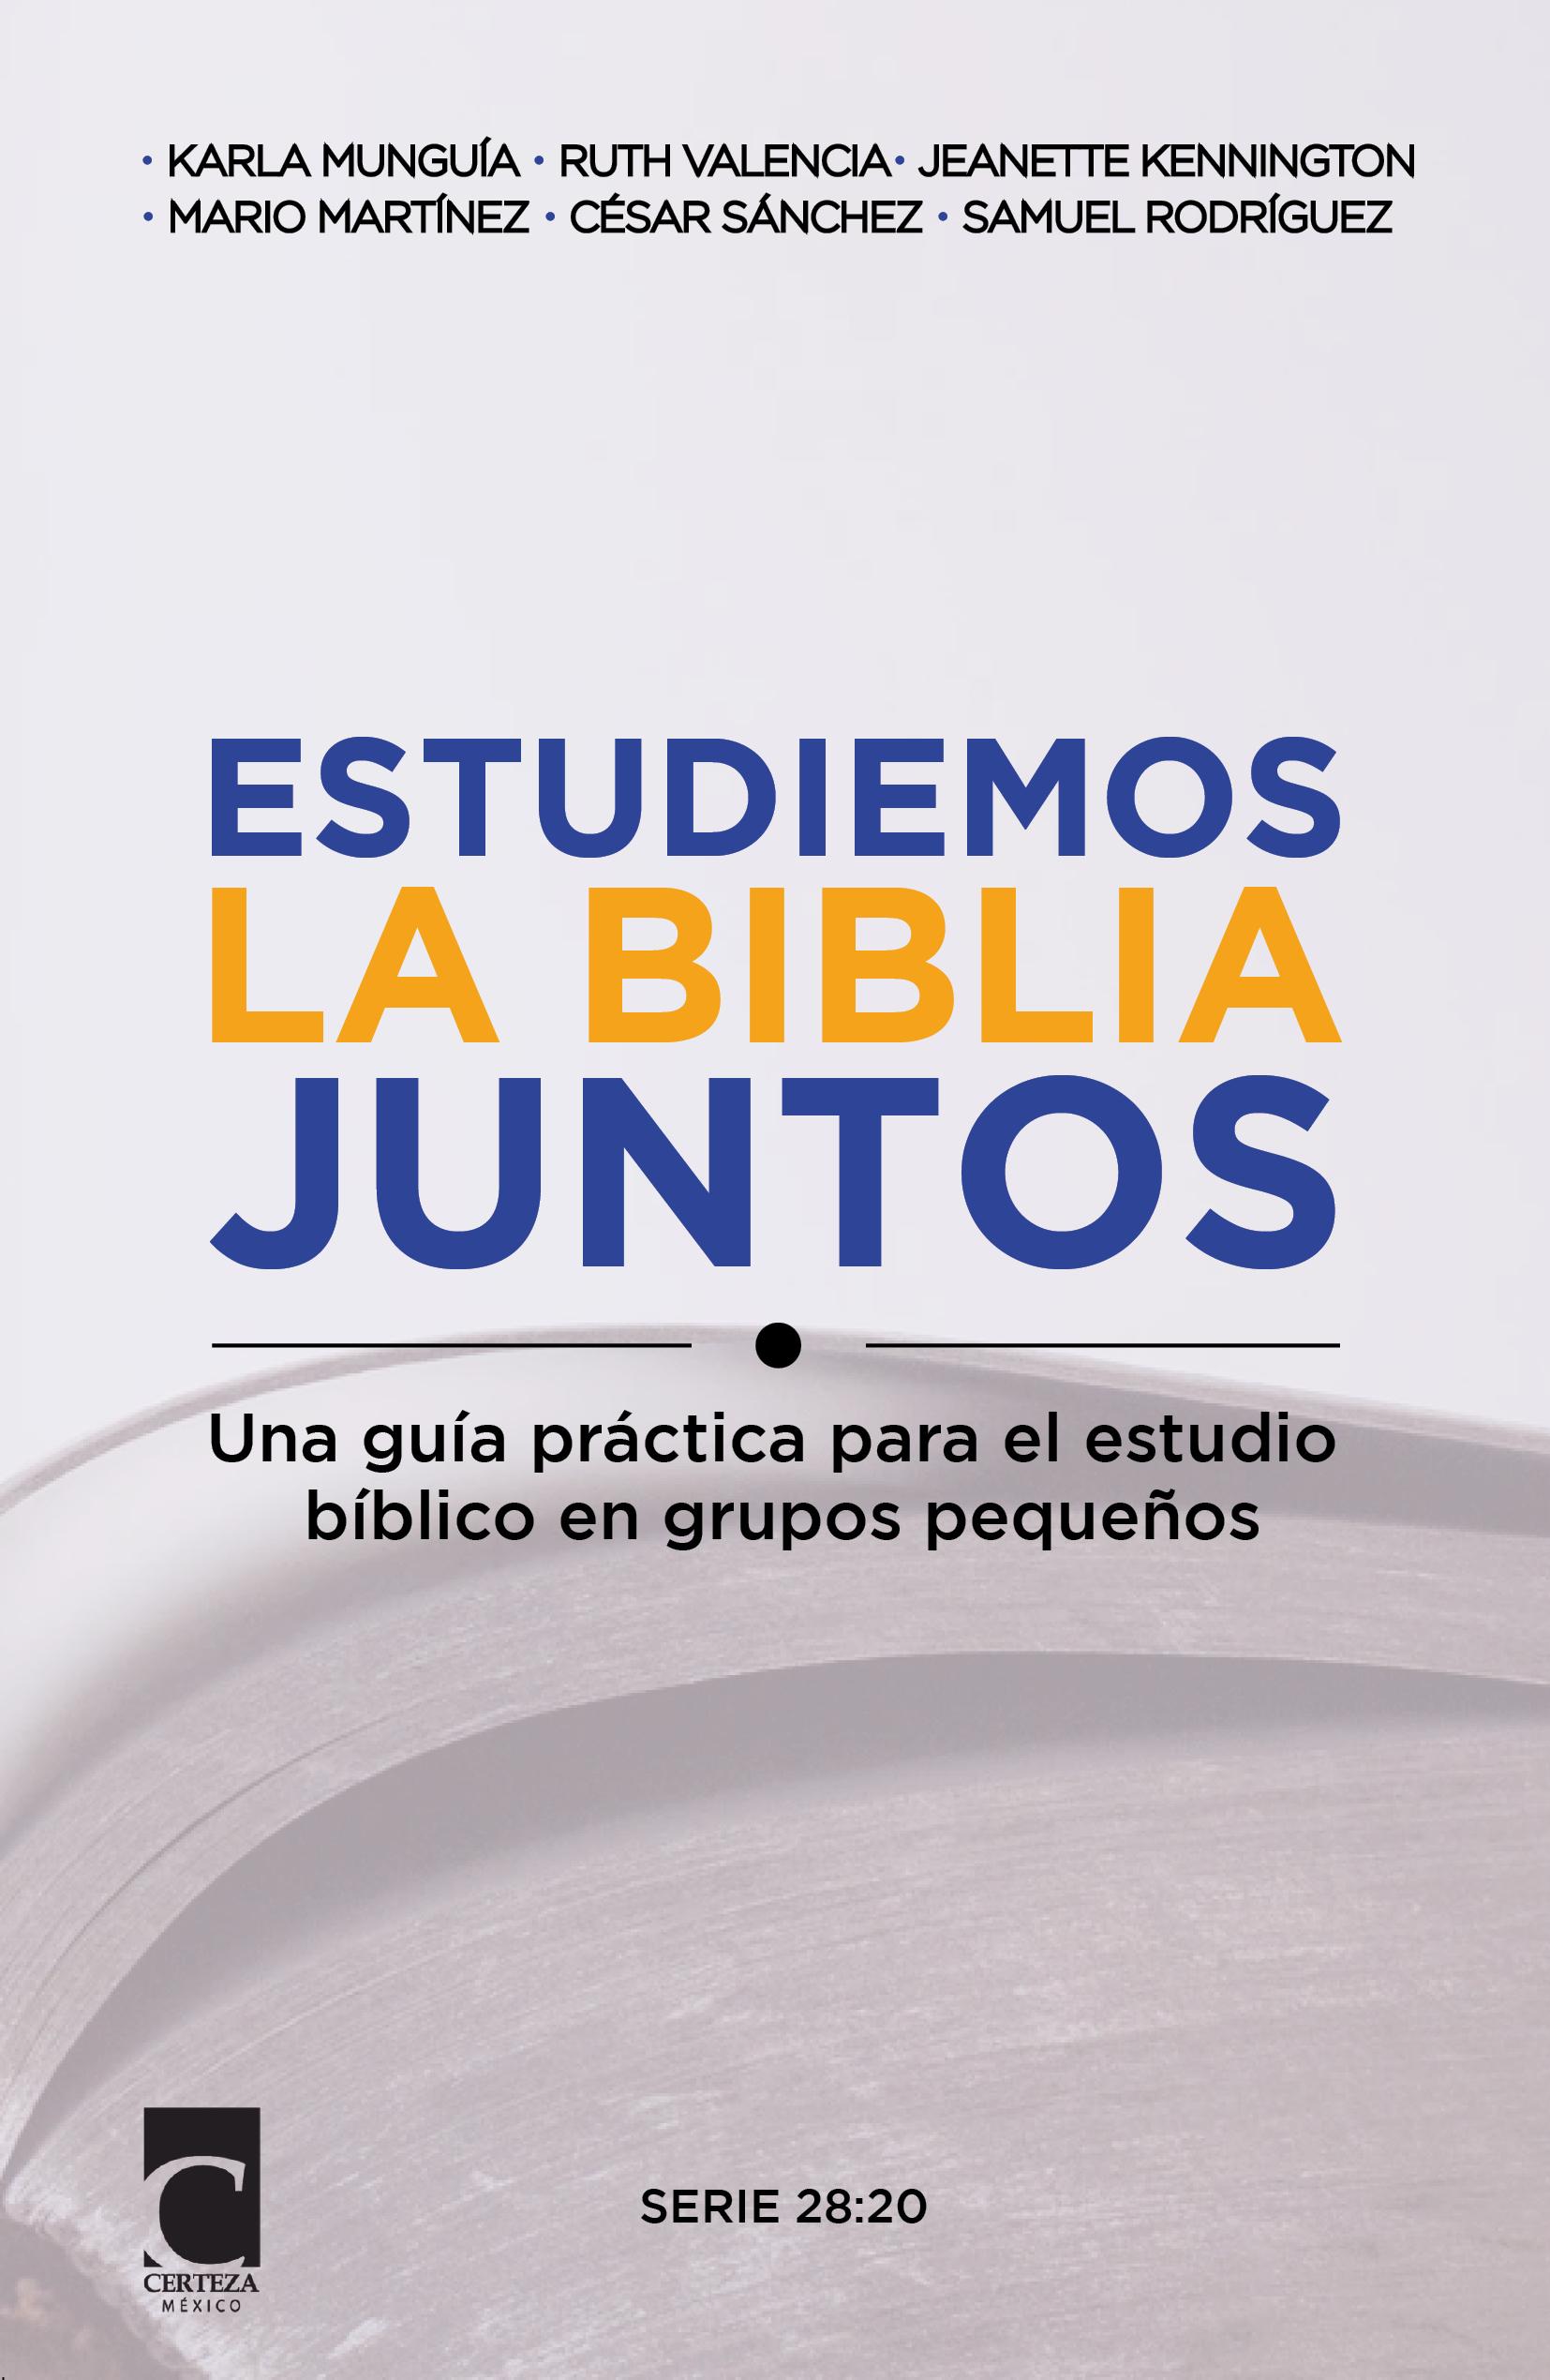 Estudiemos la Biblia juntos